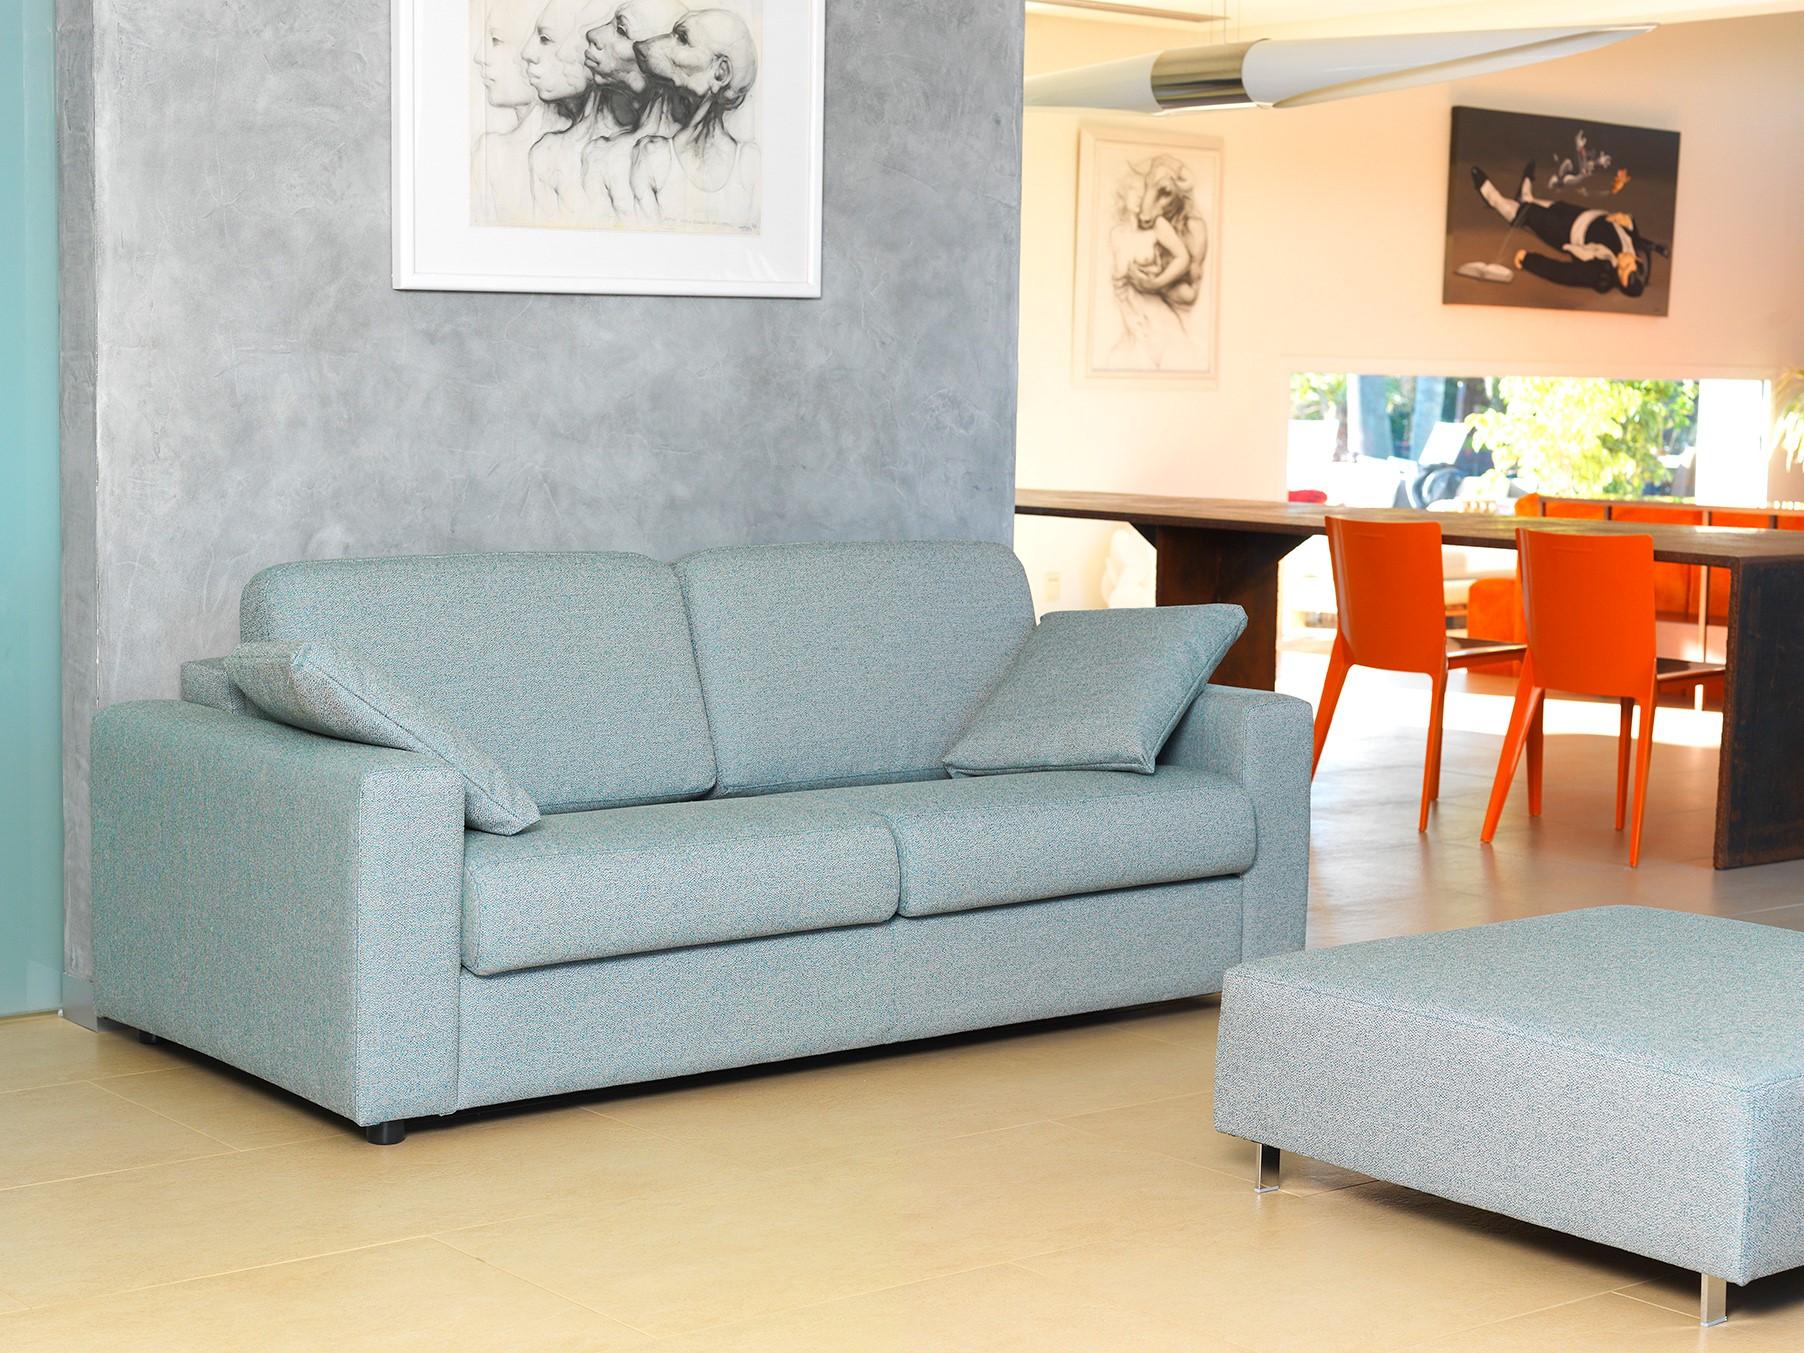 coleccin fantasy sof y cojines del fashion book de visual textures by aquaclean